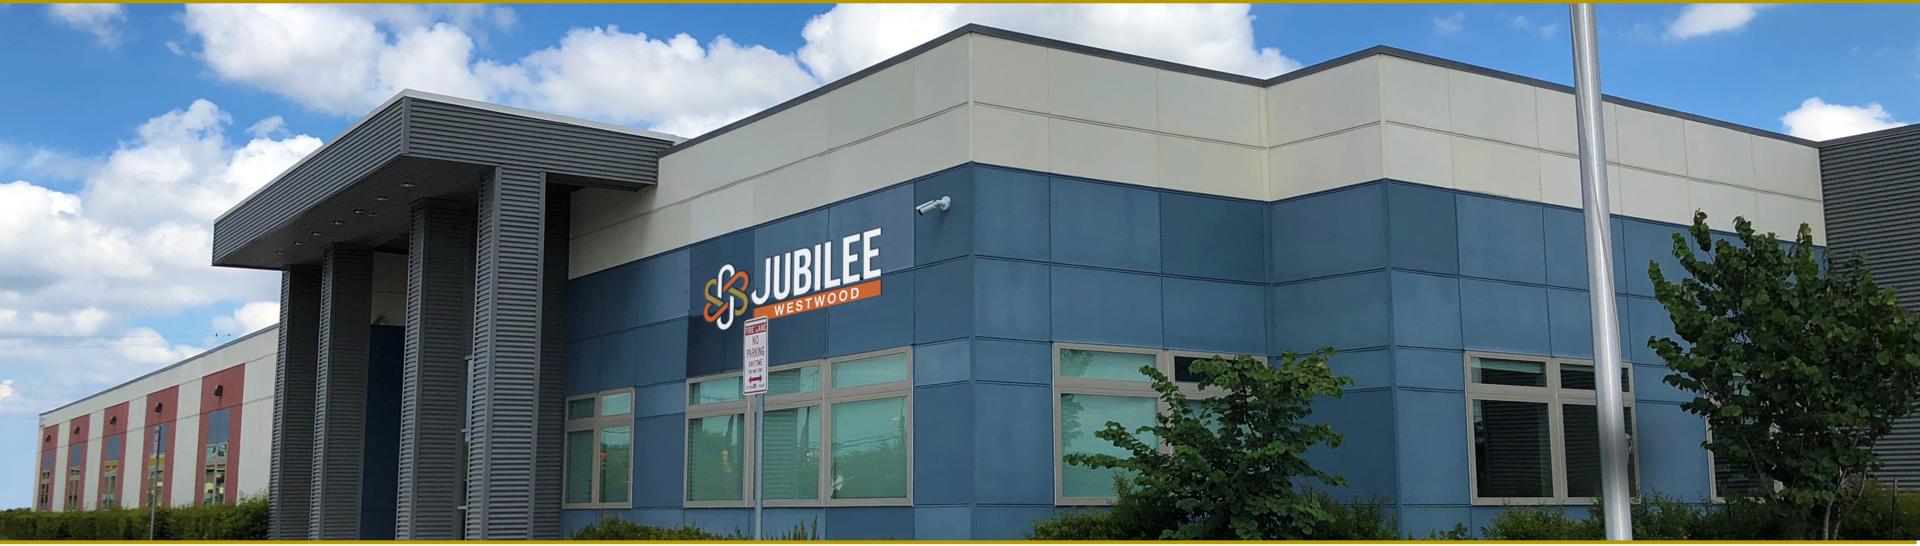 Jubilee-Westwood Buidling